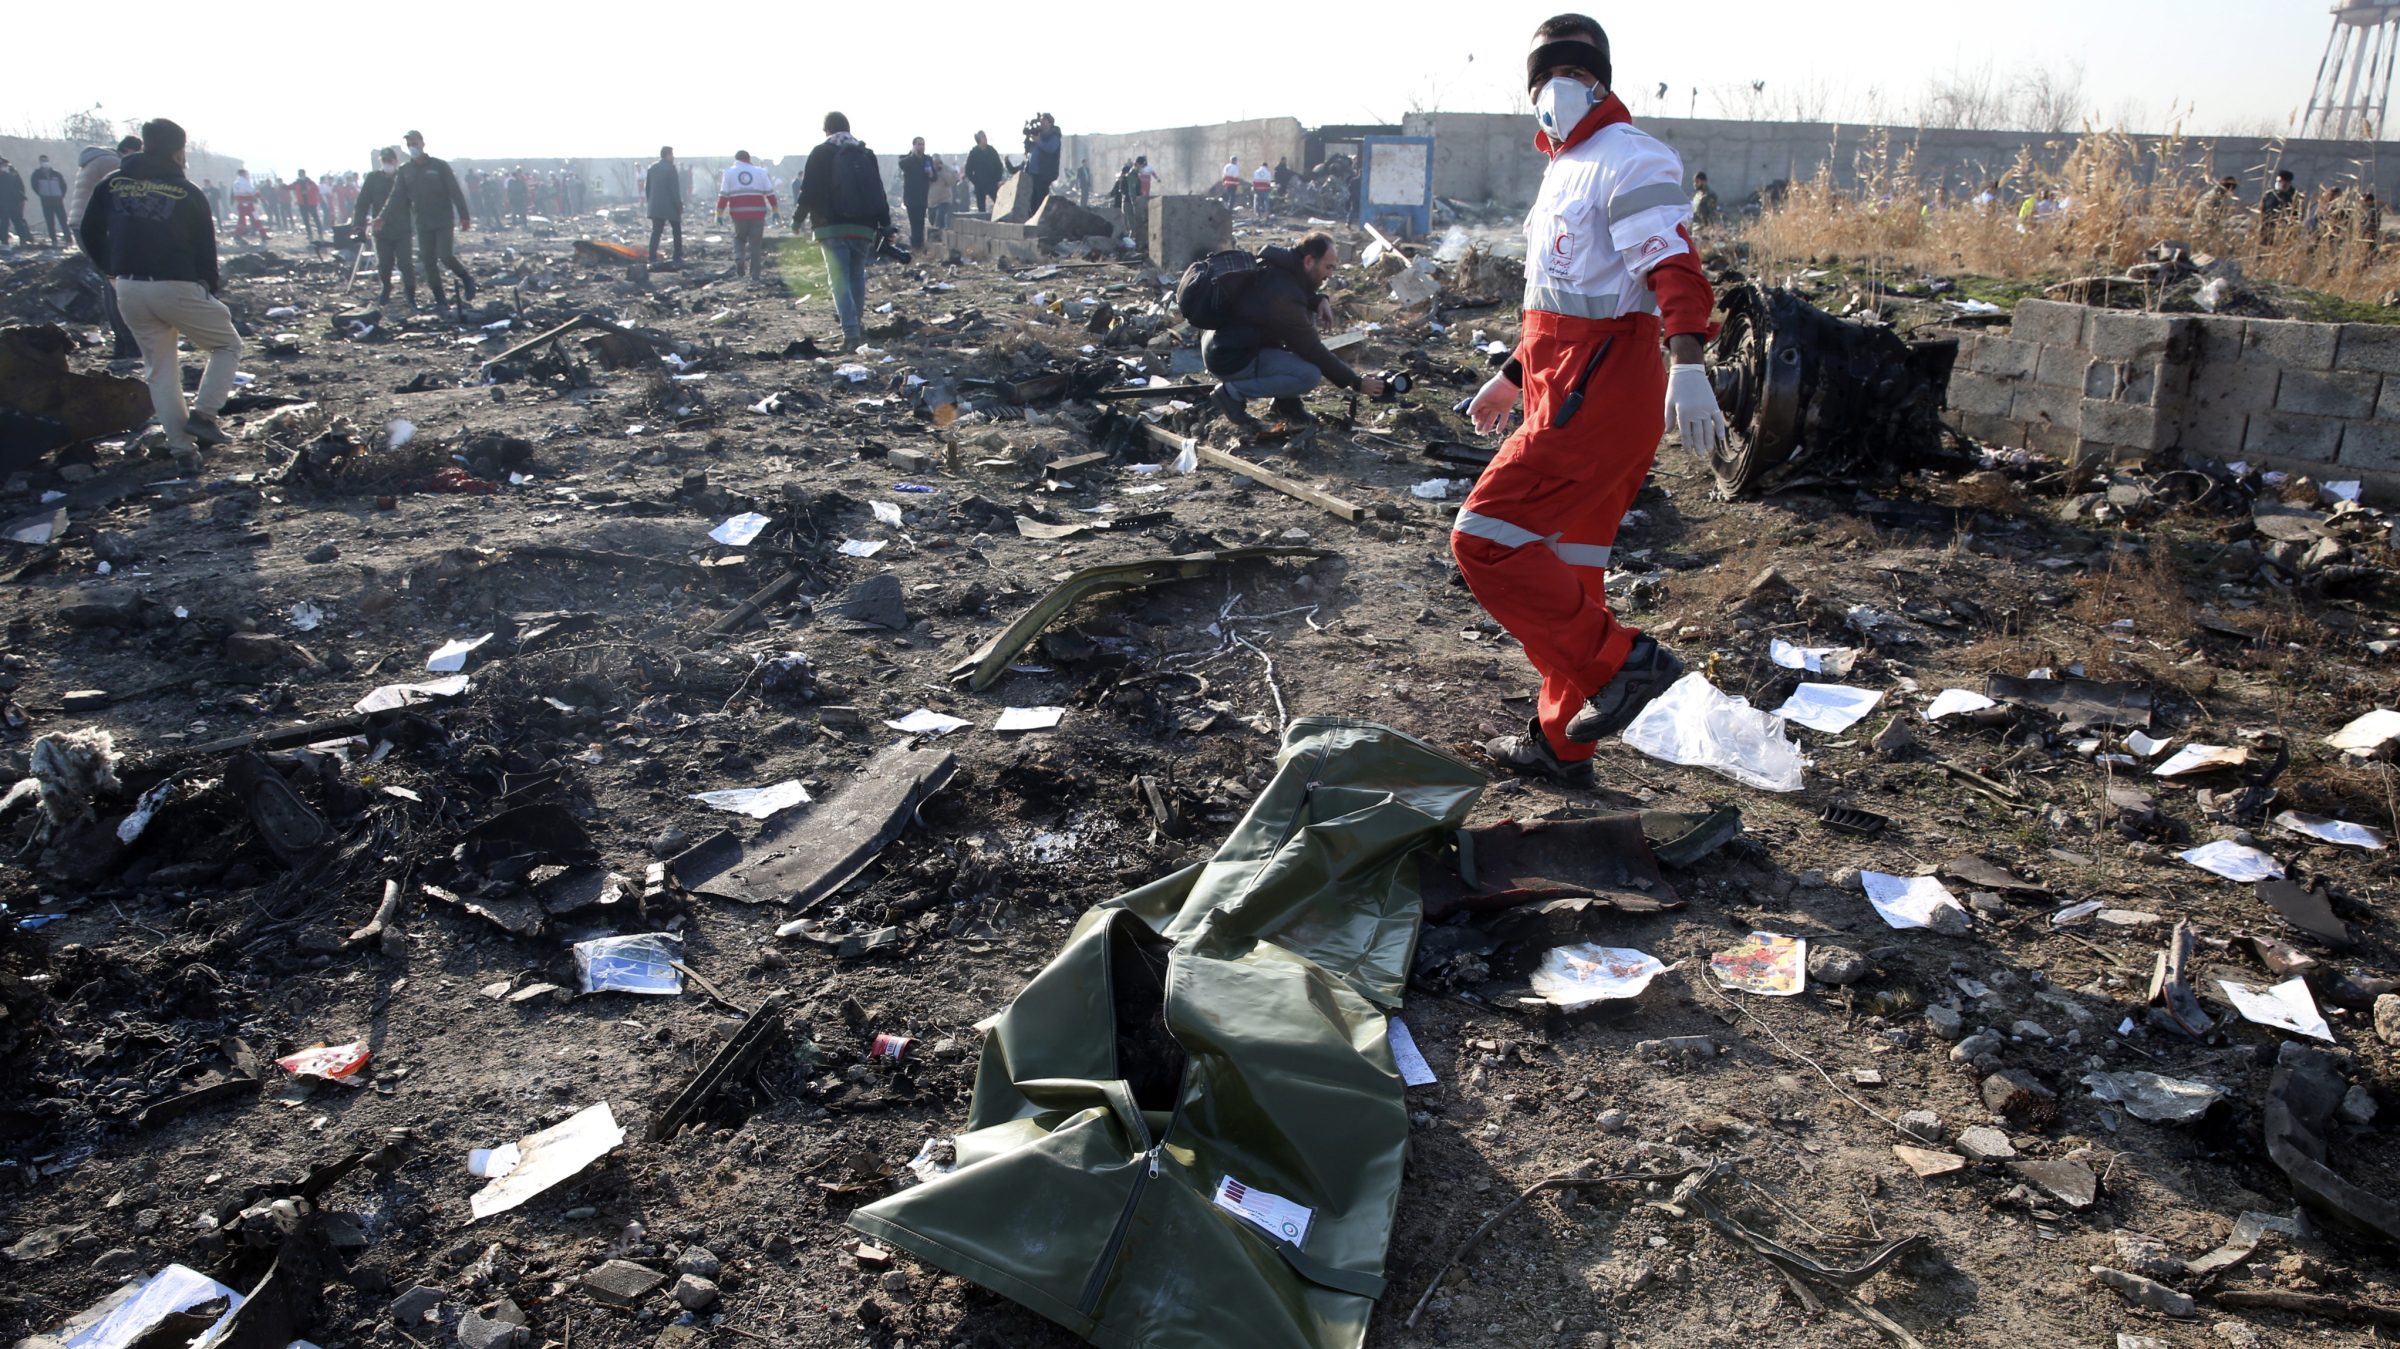 W sieci pojawiło się nagranie. To może być moment zestrzelenia ukraińskiego samolotu